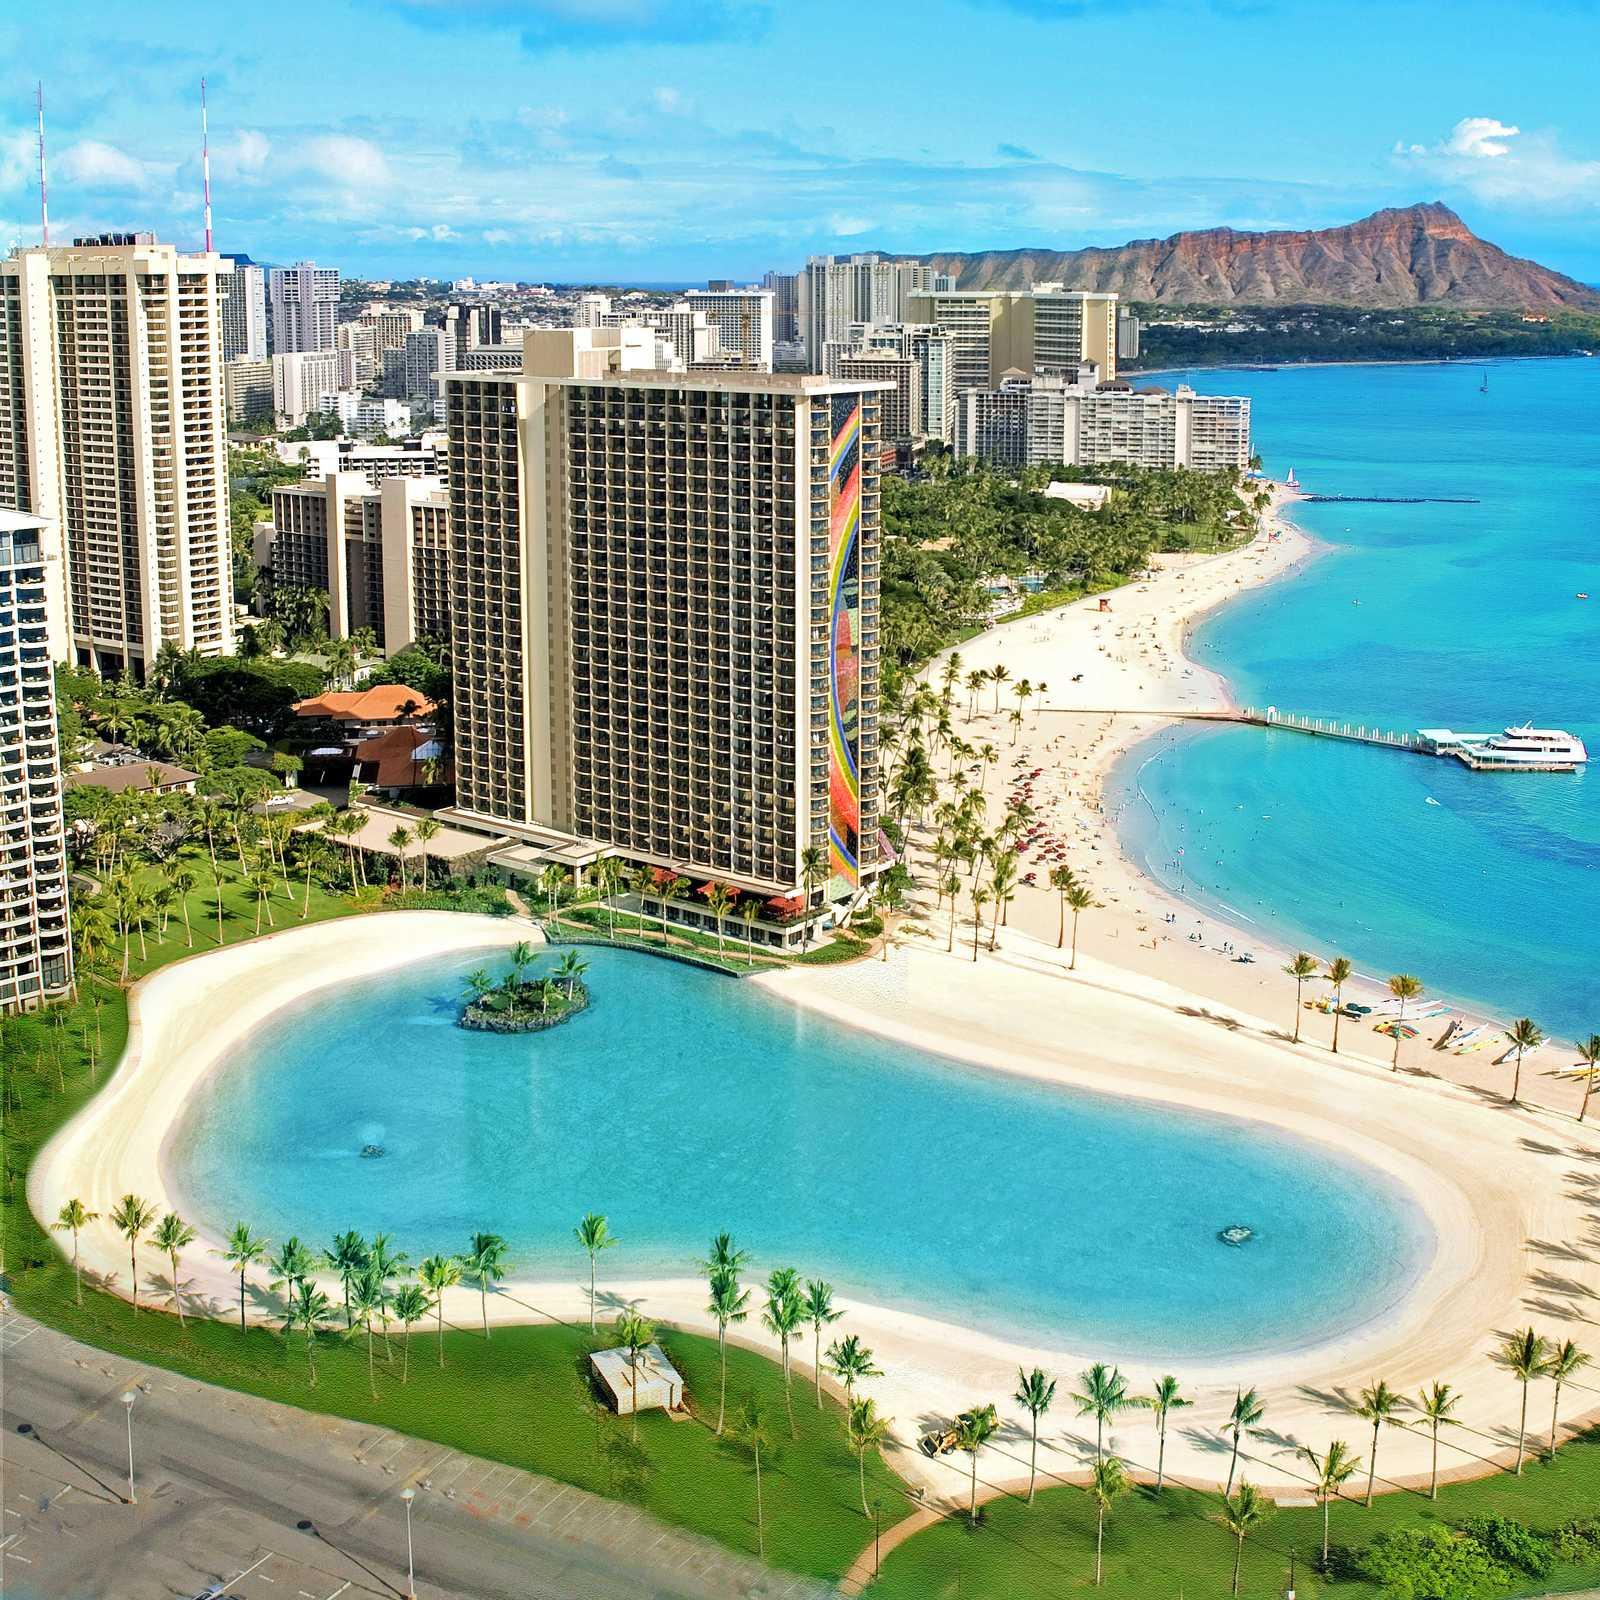 Hilton Hawaiian Village Waikiki Resort & Spa